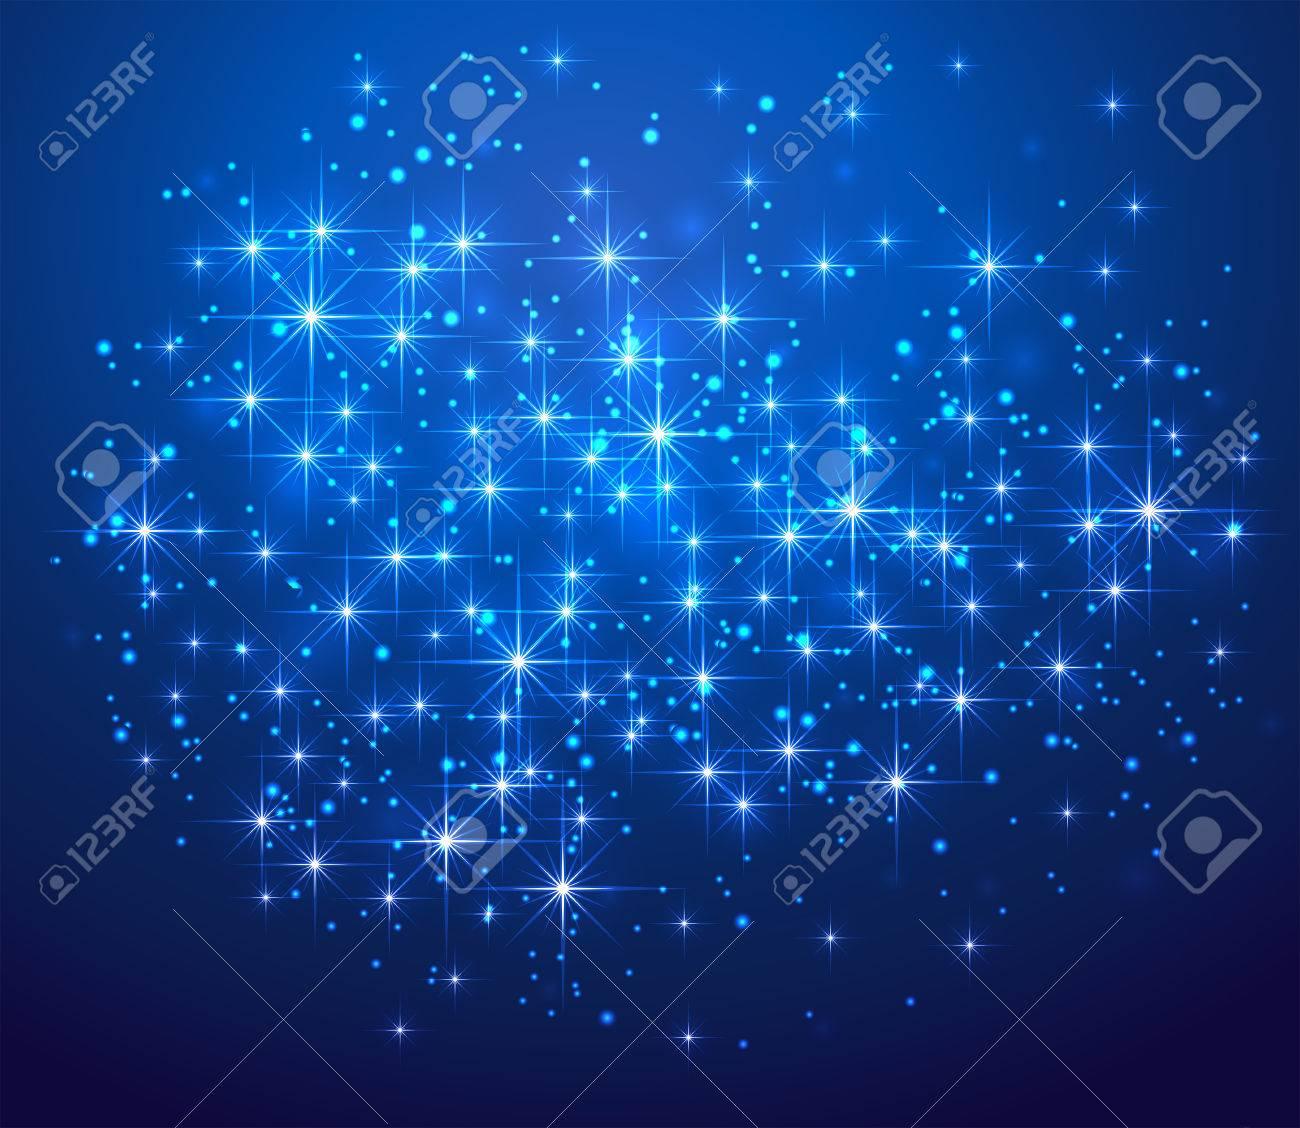 輝く星とぼやけてライト、イラスト背景青 ロイヤリティフリークリップ